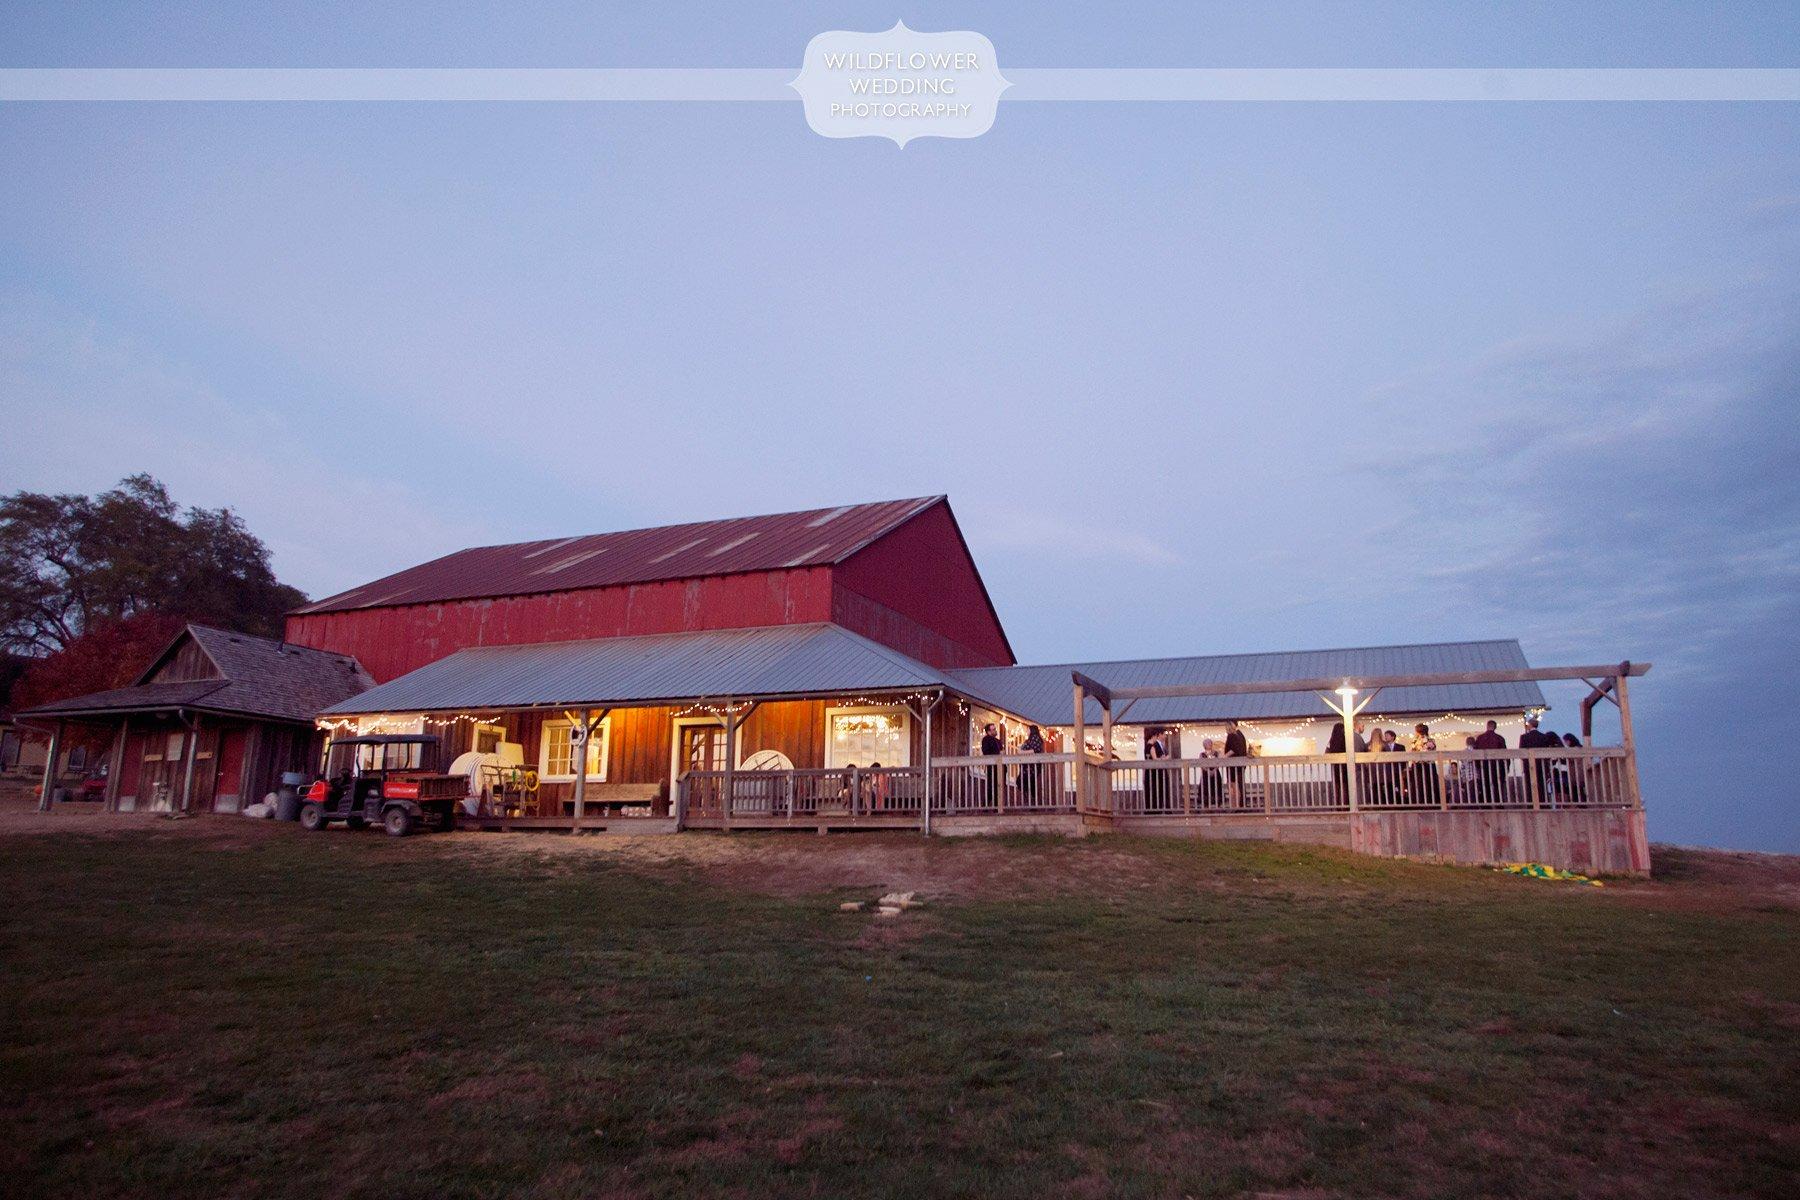 rustic autumn wedding weston red barn farm in kc mo On weston red barn farm wedding